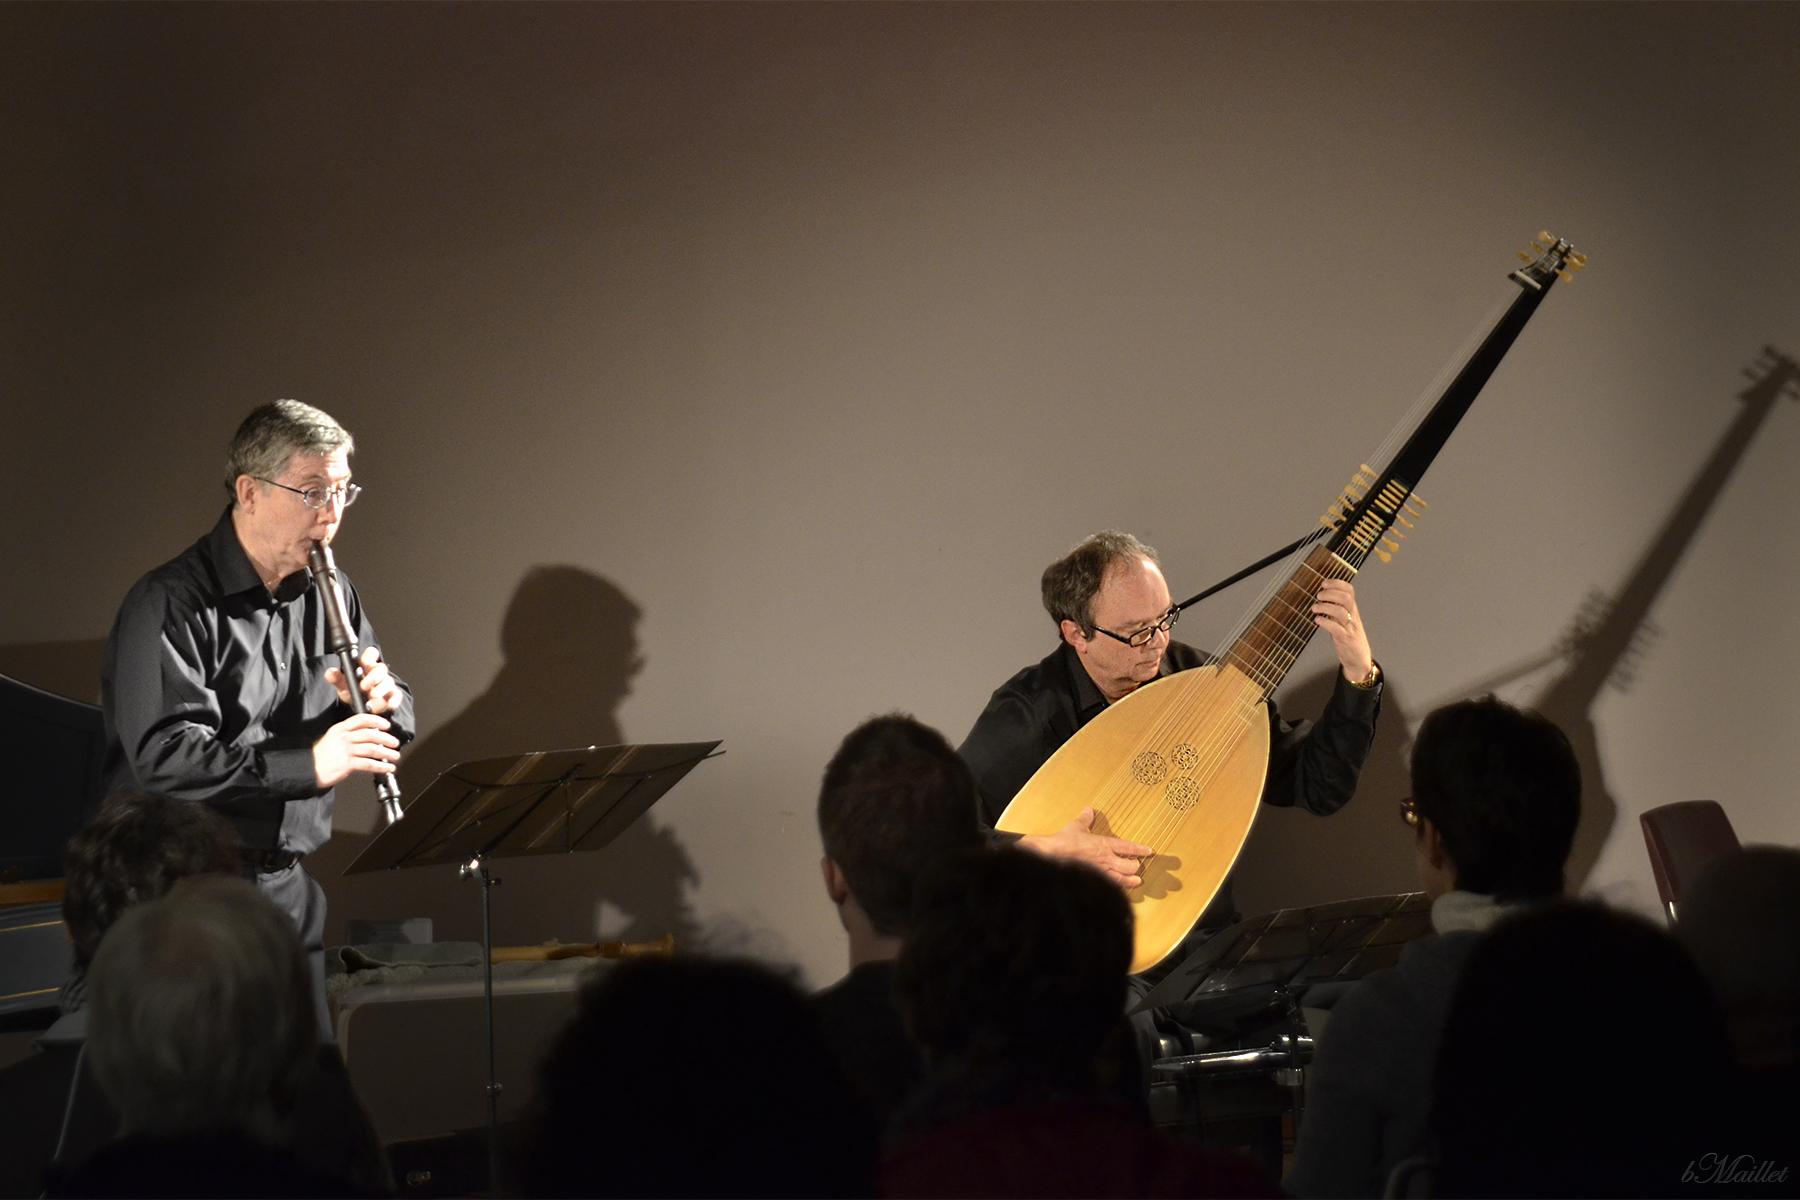 Duo La Tour en concert, Moncton 2013